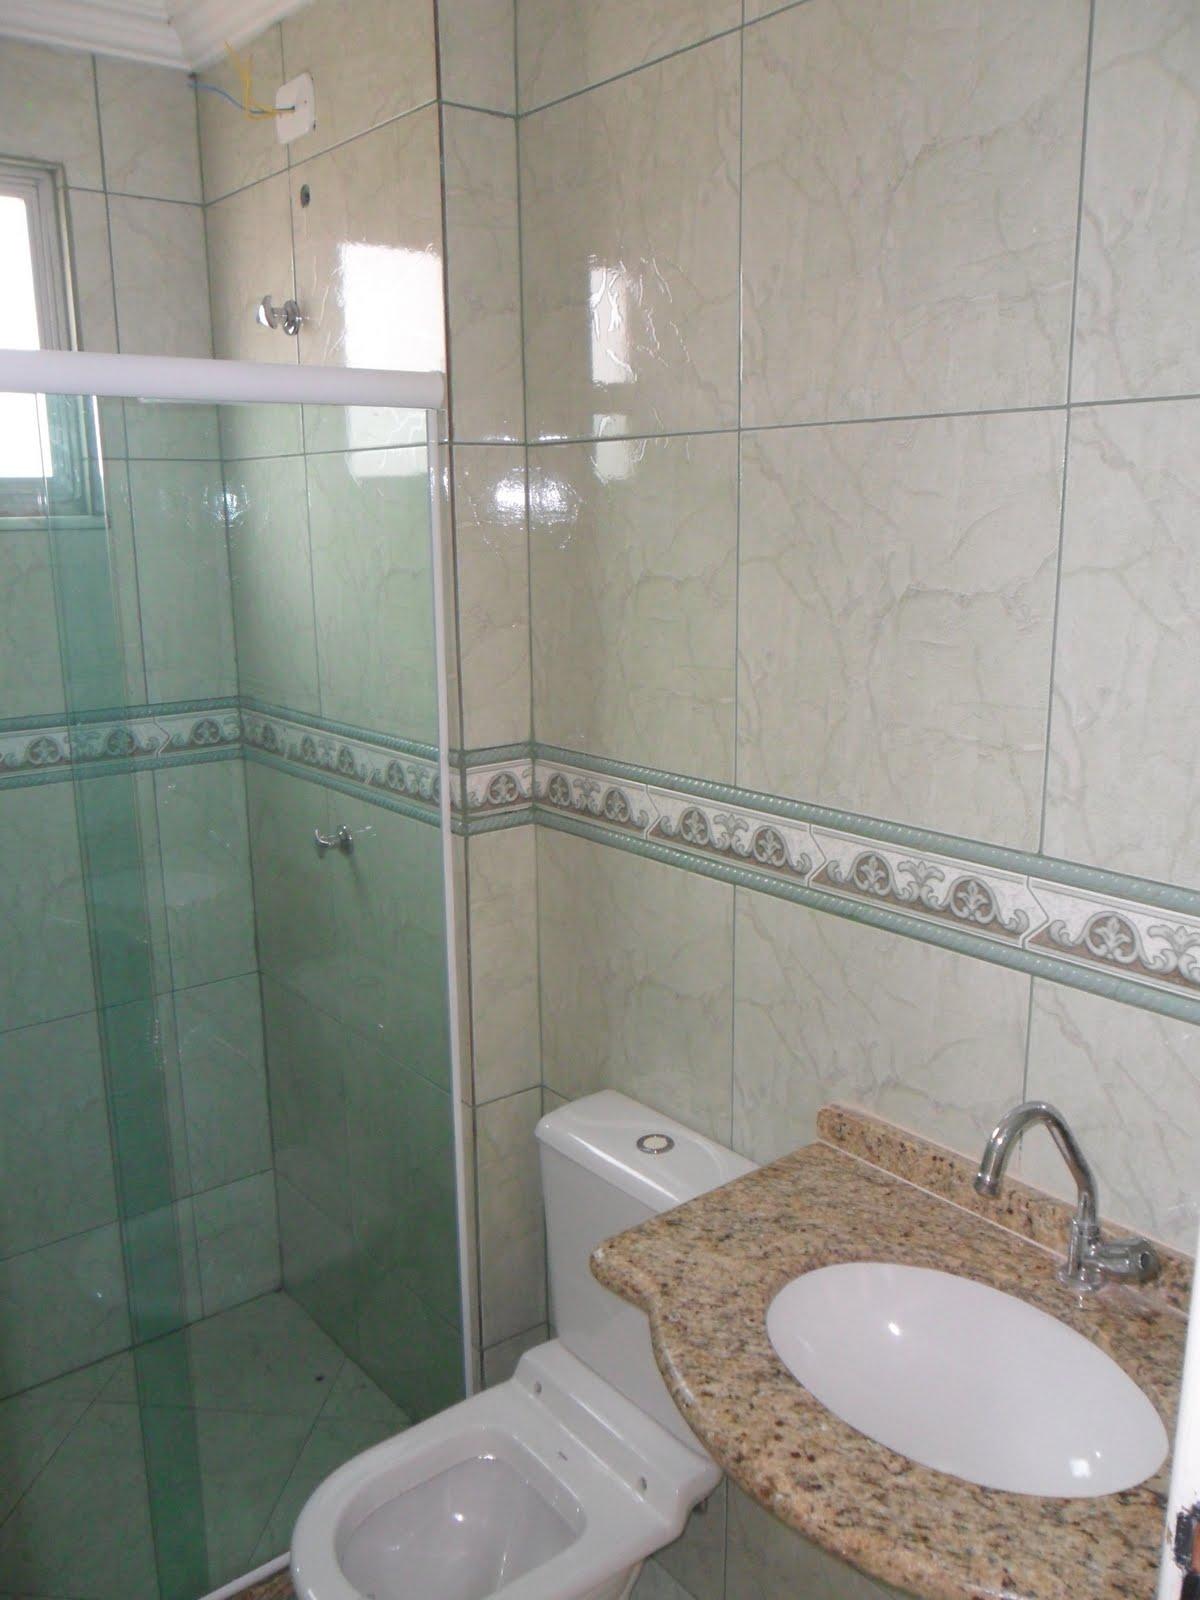 sala ampla com rebaixamento em gesso banheiro com box BLINDEX  #665E50 1200 1600